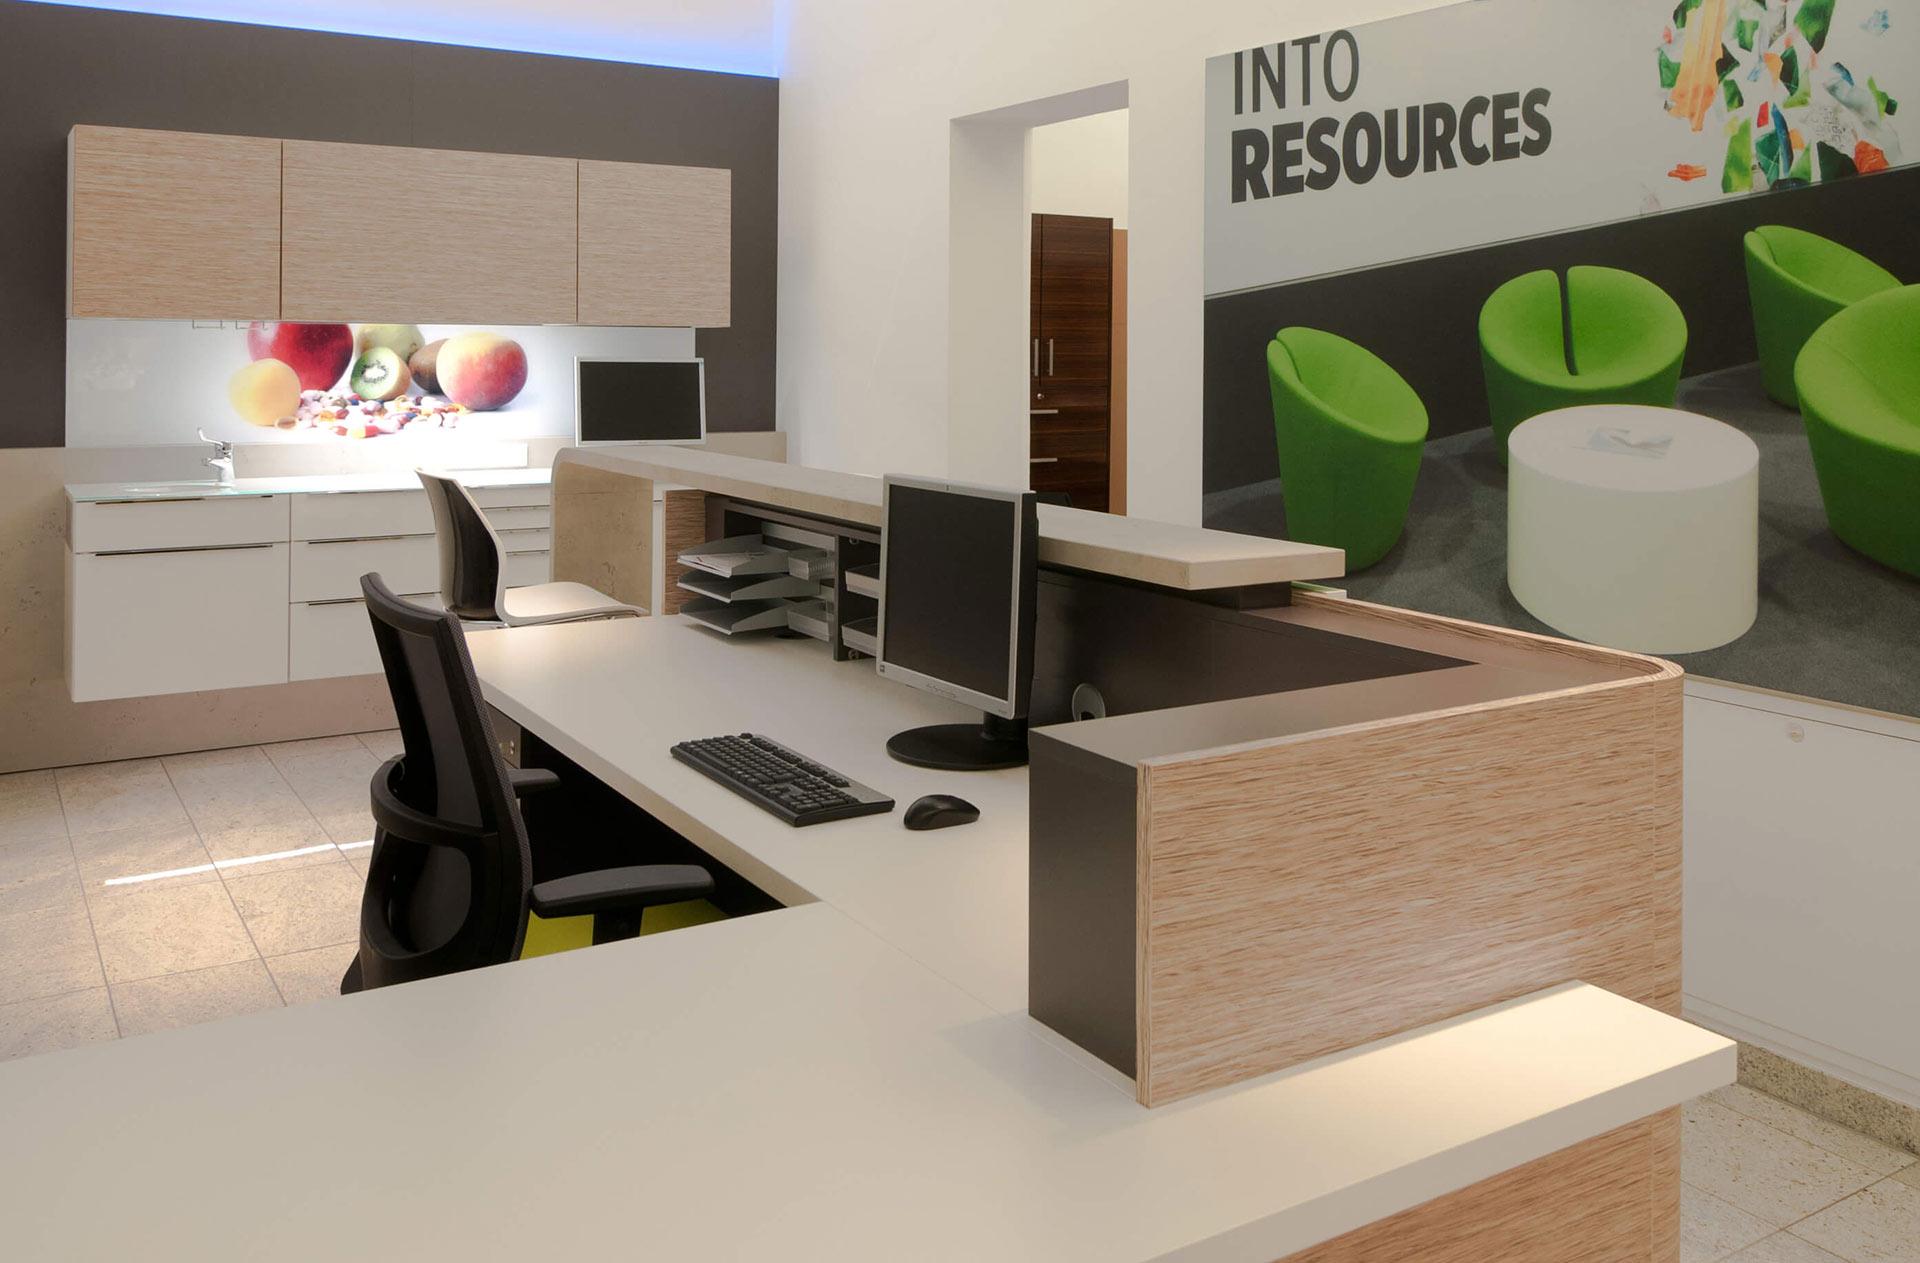 Moderne büroeinrichtung zuhause  Classen Design - Individuelle Einrichtungslösungen für Büro ...